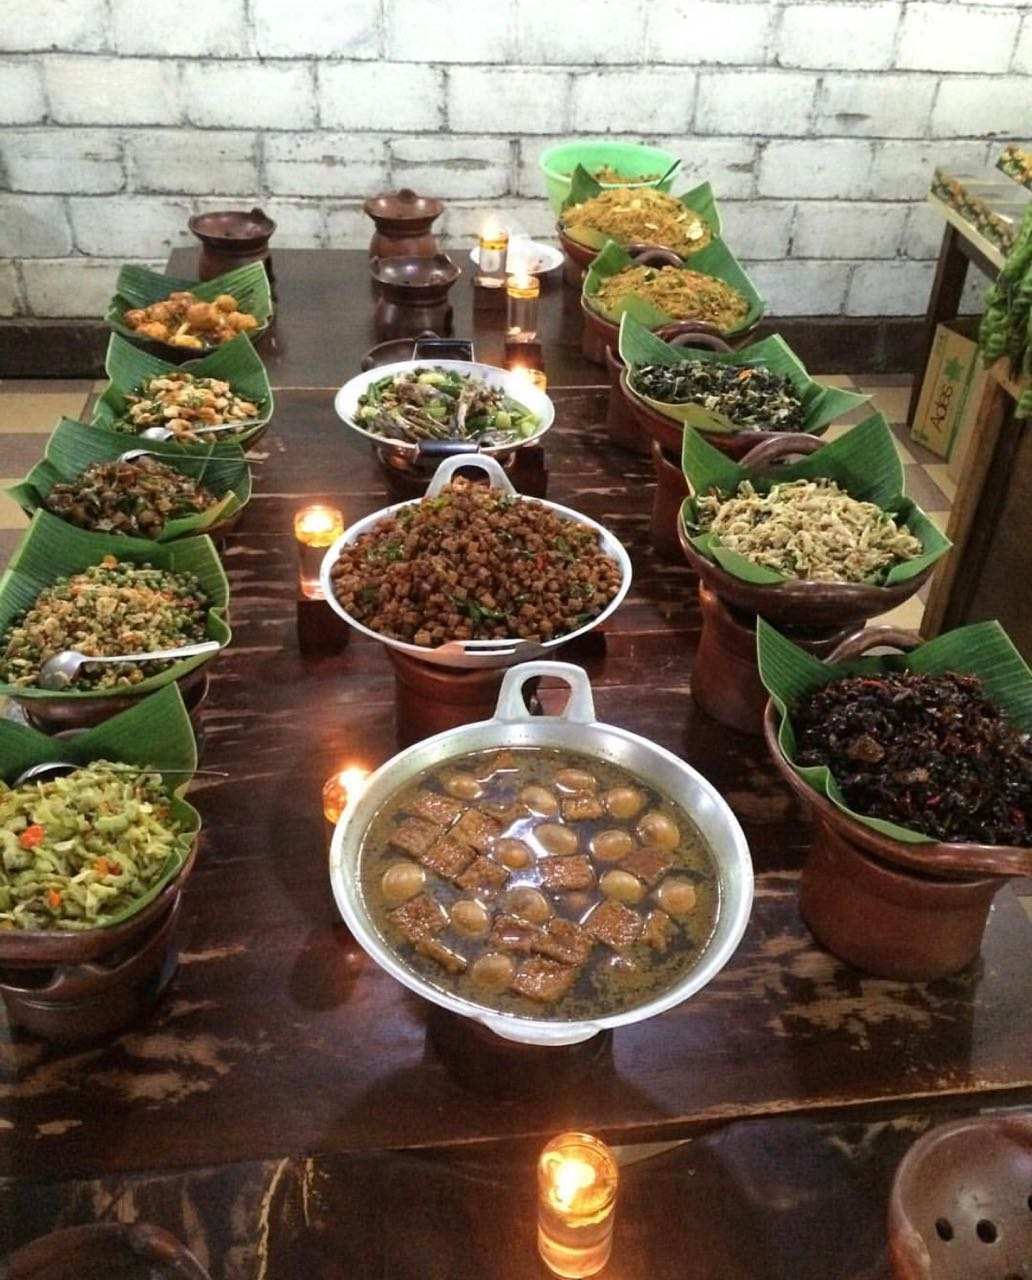 25 Tempat Makan Enak Dan Murah Di Jogja - Kuliner Jogja